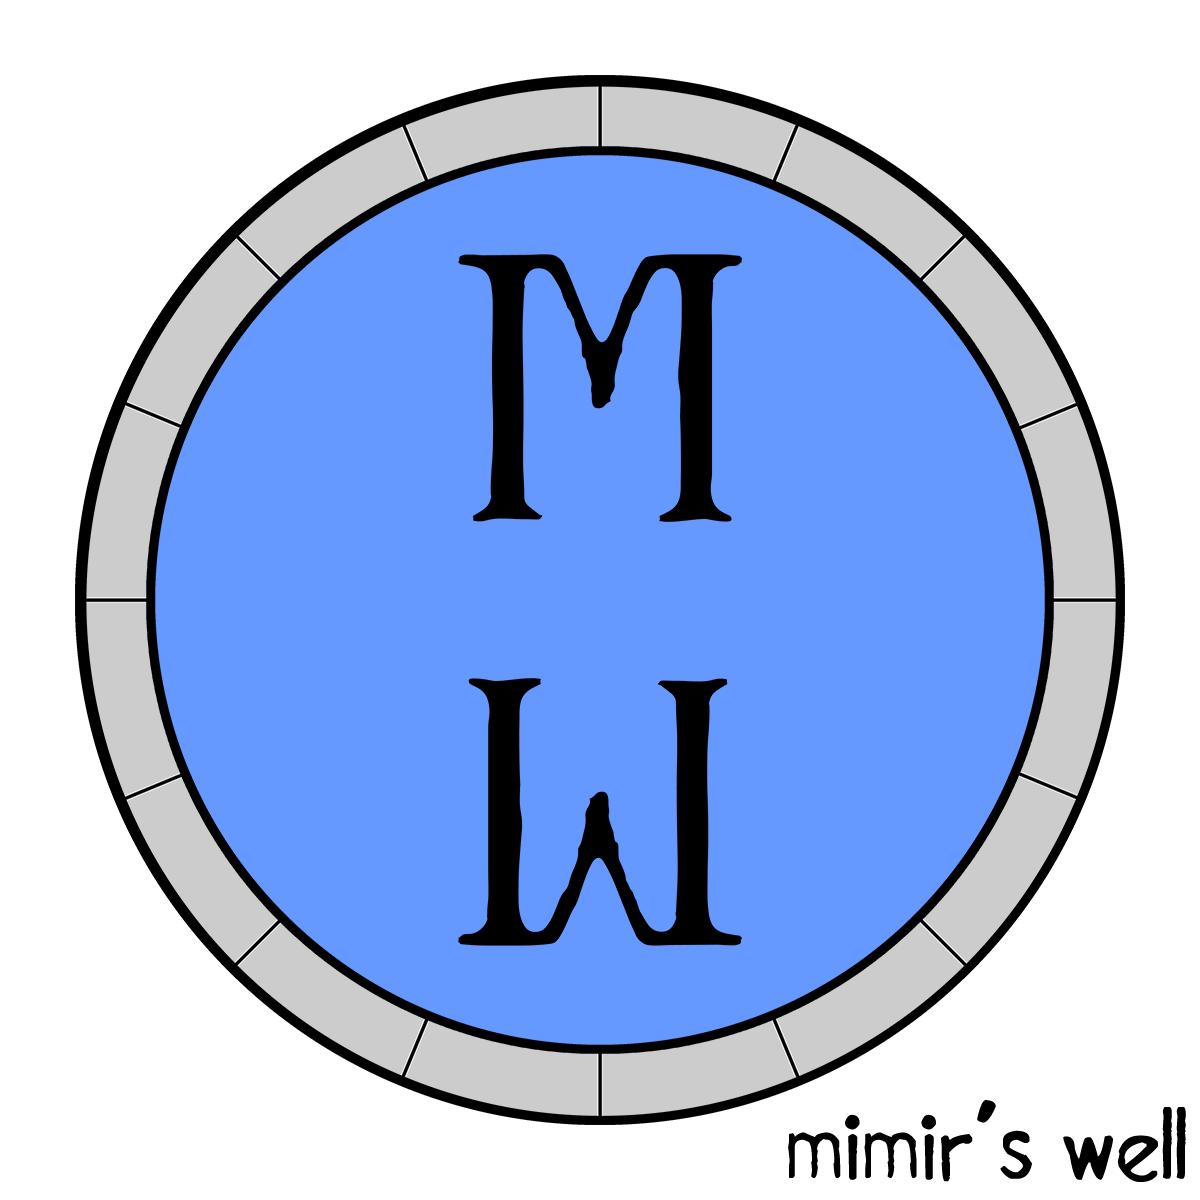 Mimir's Well